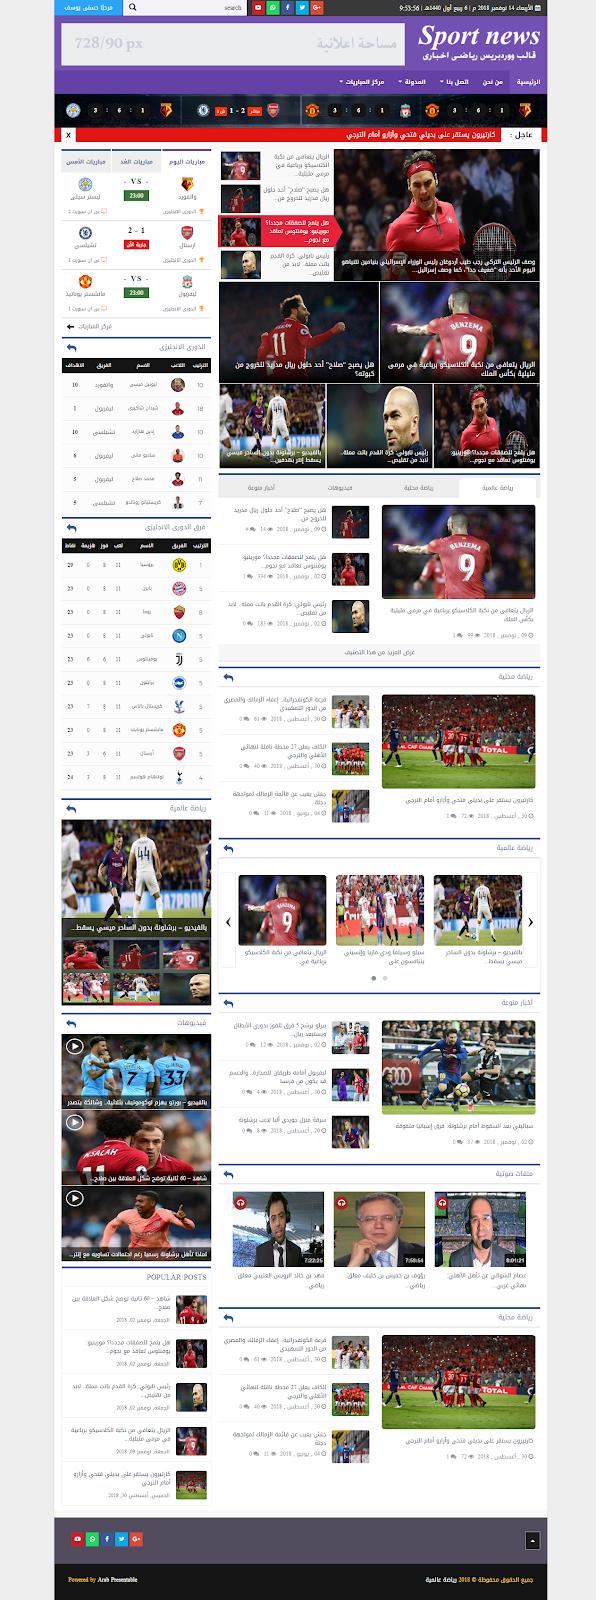 Sport News2 قالب ووردبريس اخبارى رياضى ( النسخة الثانية  )